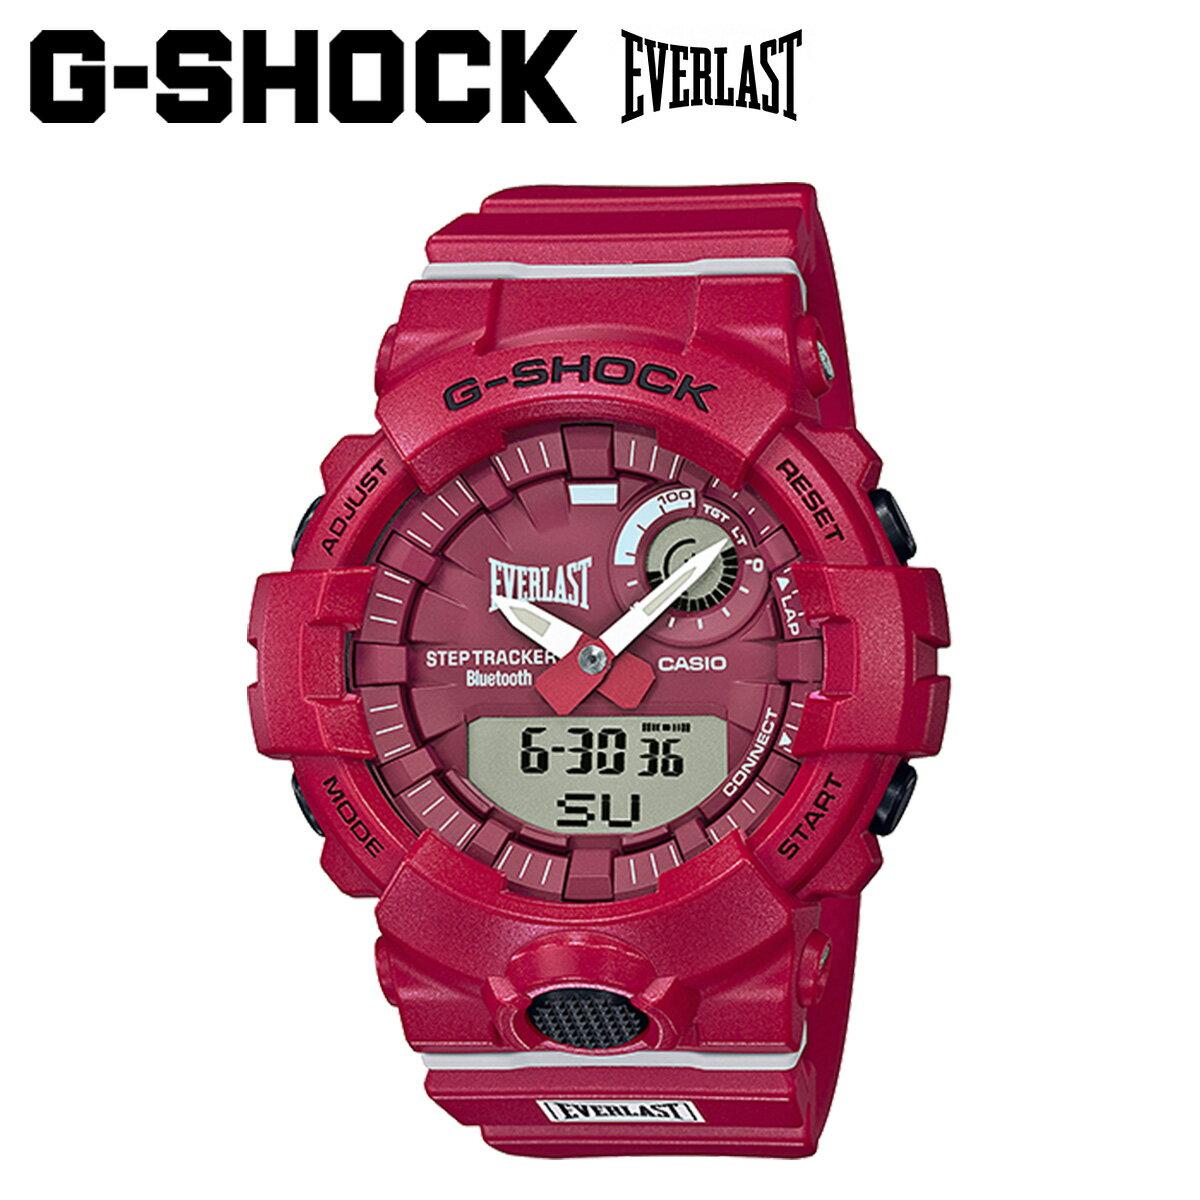 腕時計, メンズ腕時計 600OFF CASIO G-SHOCK GBA-800EL-4AJR G-SQUAD EVERLAST G G-